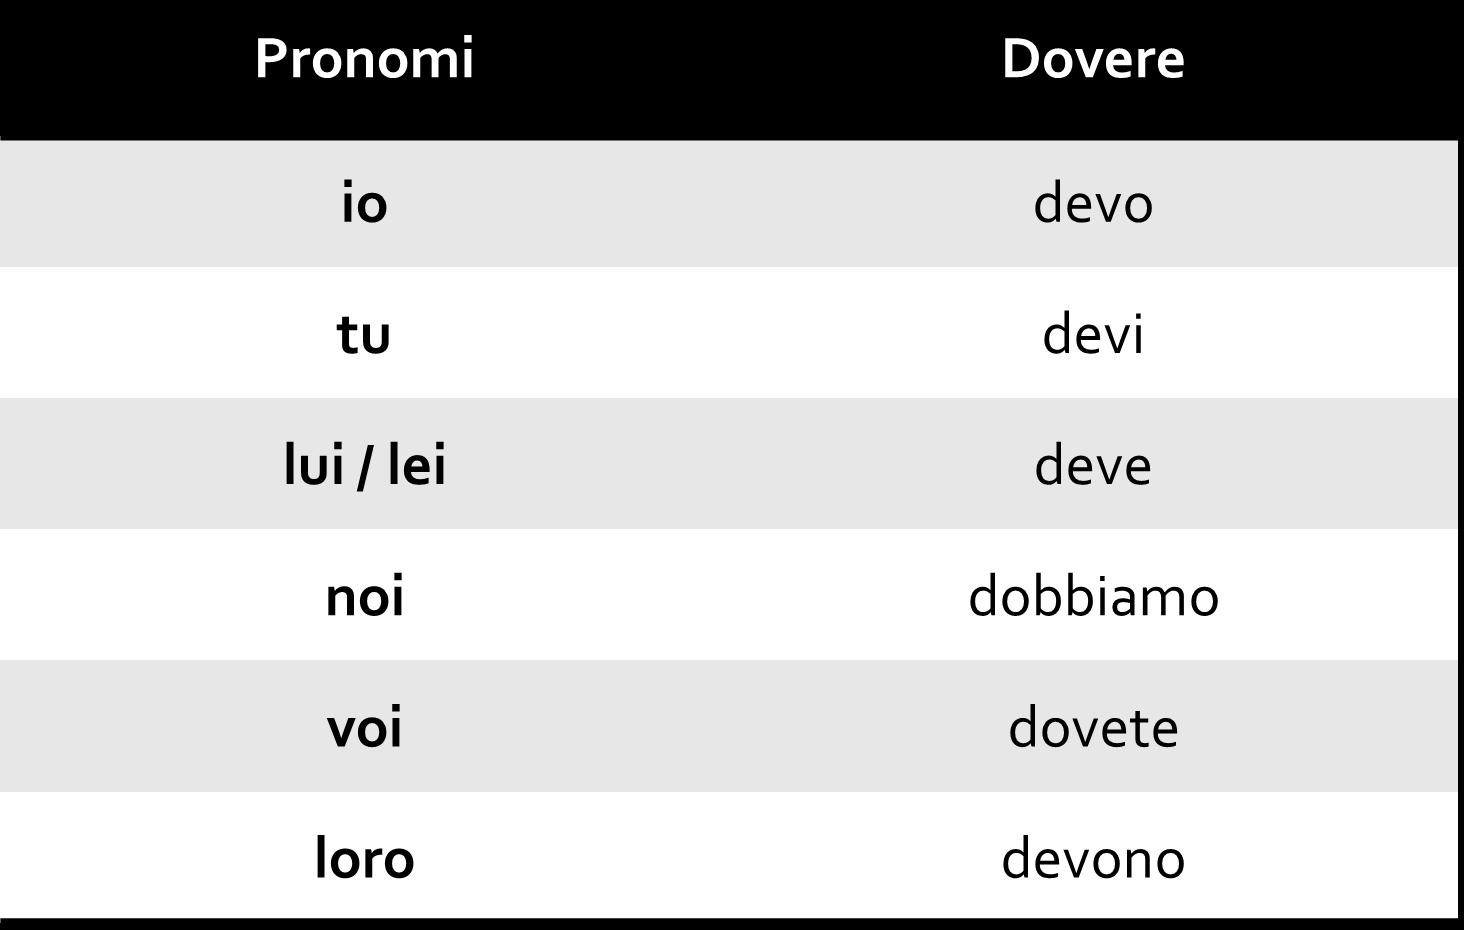 Dovere - Os Verbos Modais no Italiano